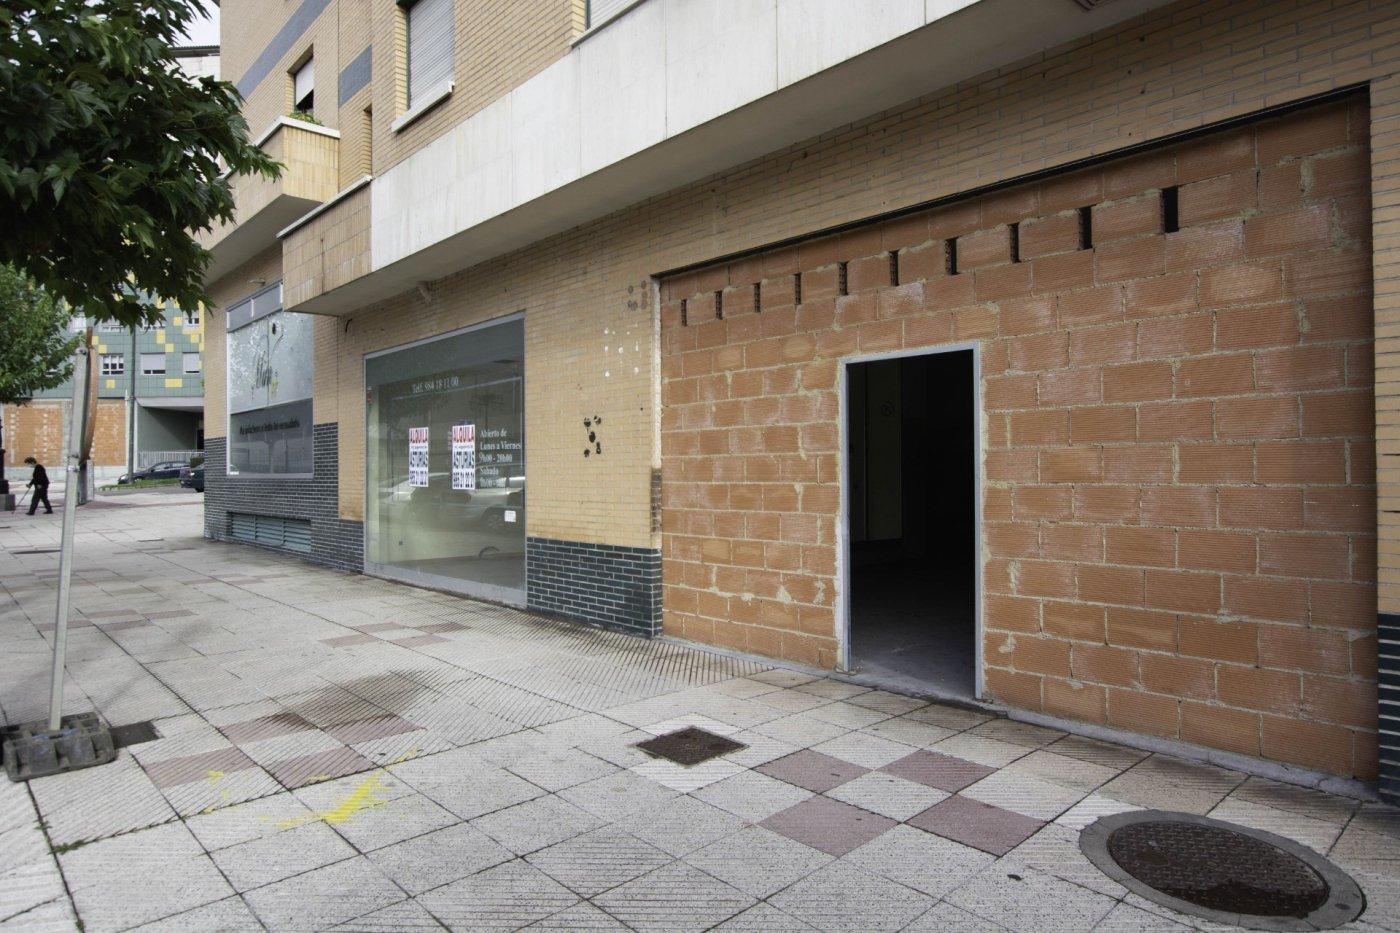 Centro comercial los prados - imagenInmueble6